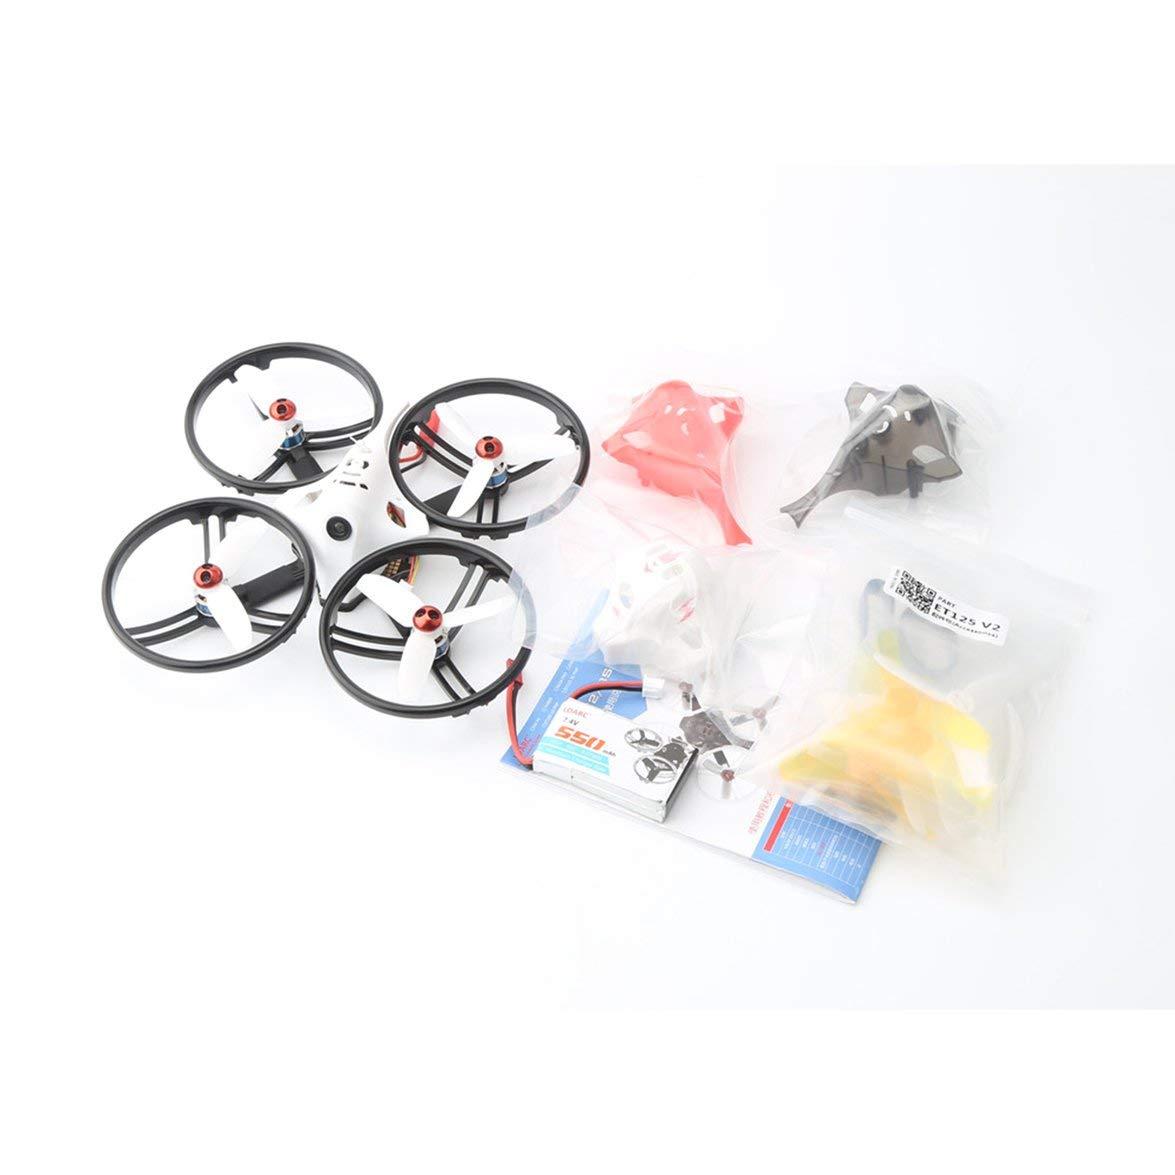 Kongqiabona LDARC ET125 V2 5.8G Micro Mini Brushless FPV RC Racing Drohne Quadcopter mit 16CH VTX Kamera OSD FM800 Empfänger PNP-Version